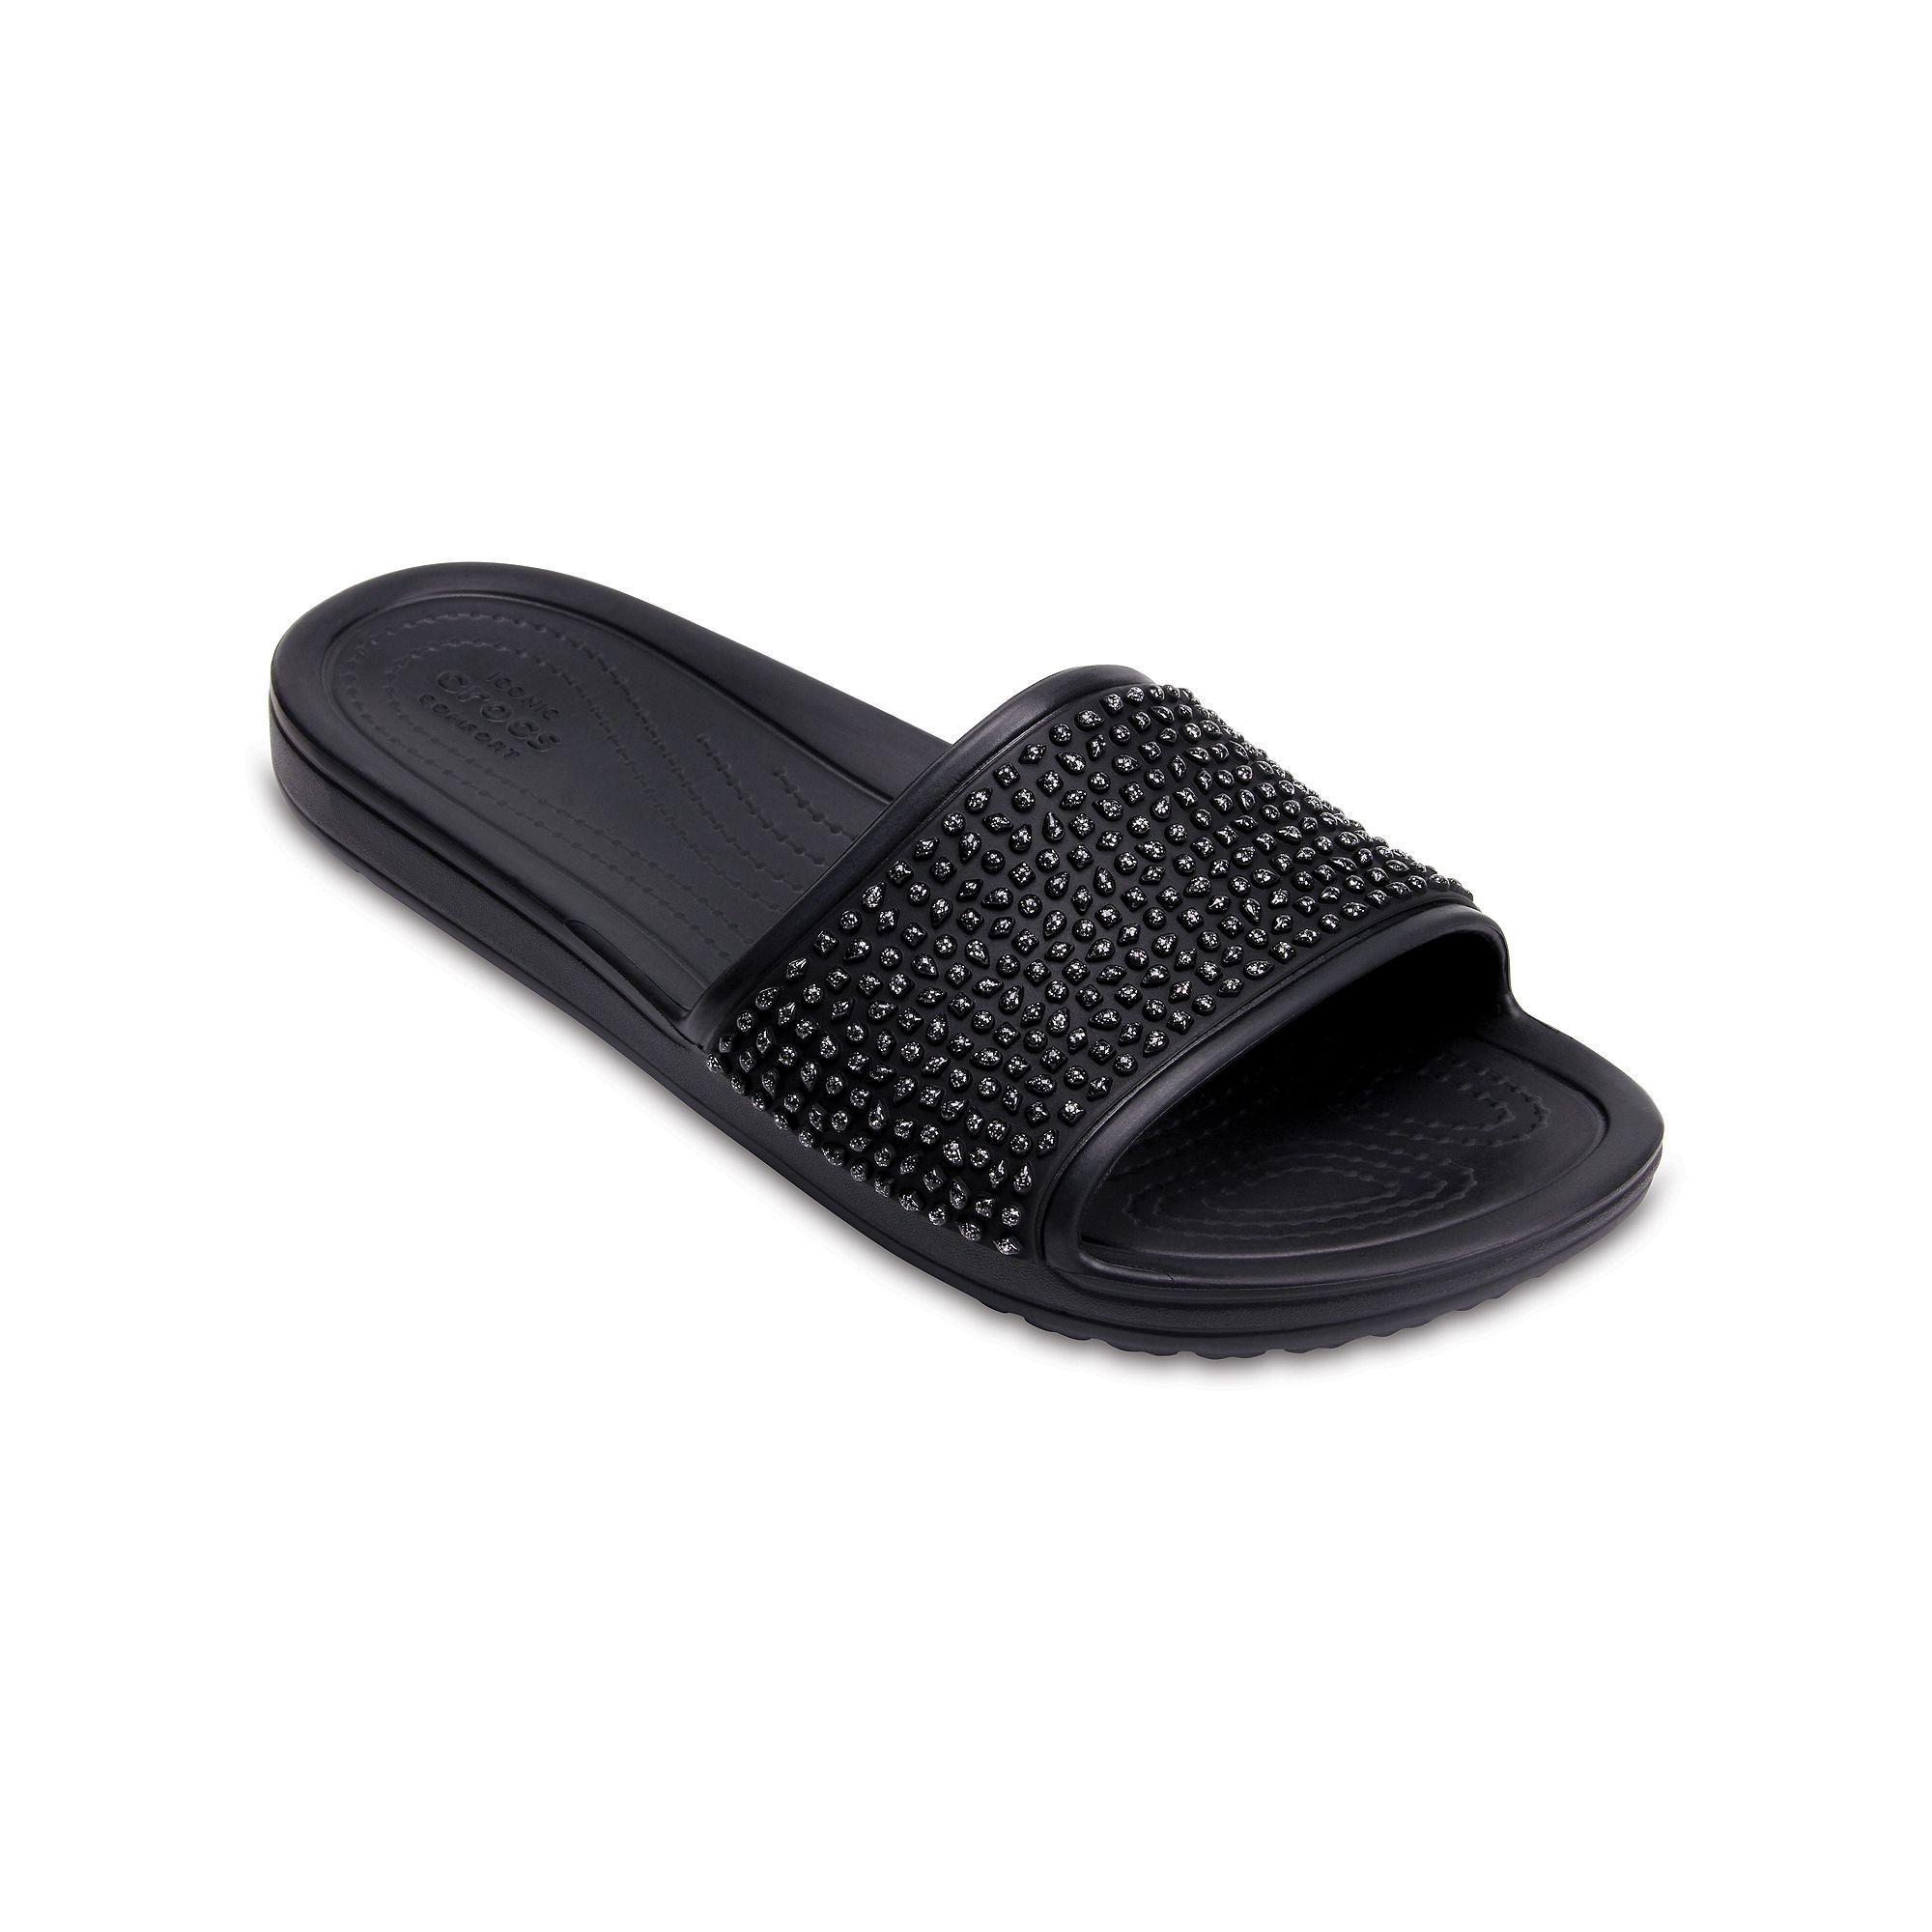 6301b37d9cdf9 Crocs Sloane Embellished Women's Slide Sandals | Products | Crocs ...